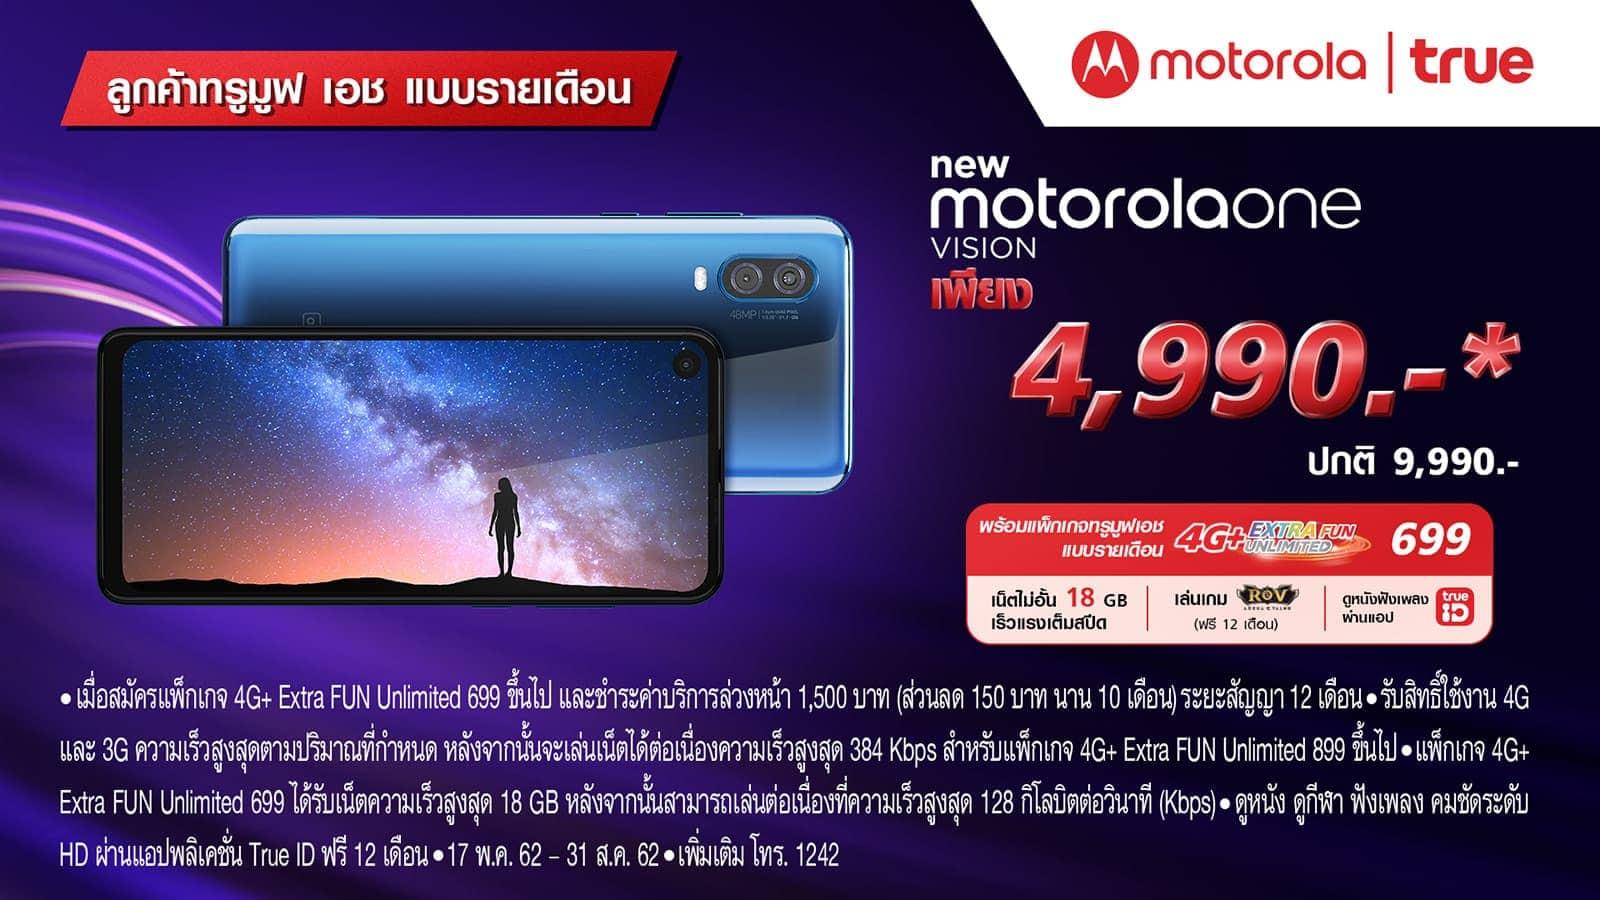 รีวิว กล้อง Motorola One Vision กับ Bangkok At Night